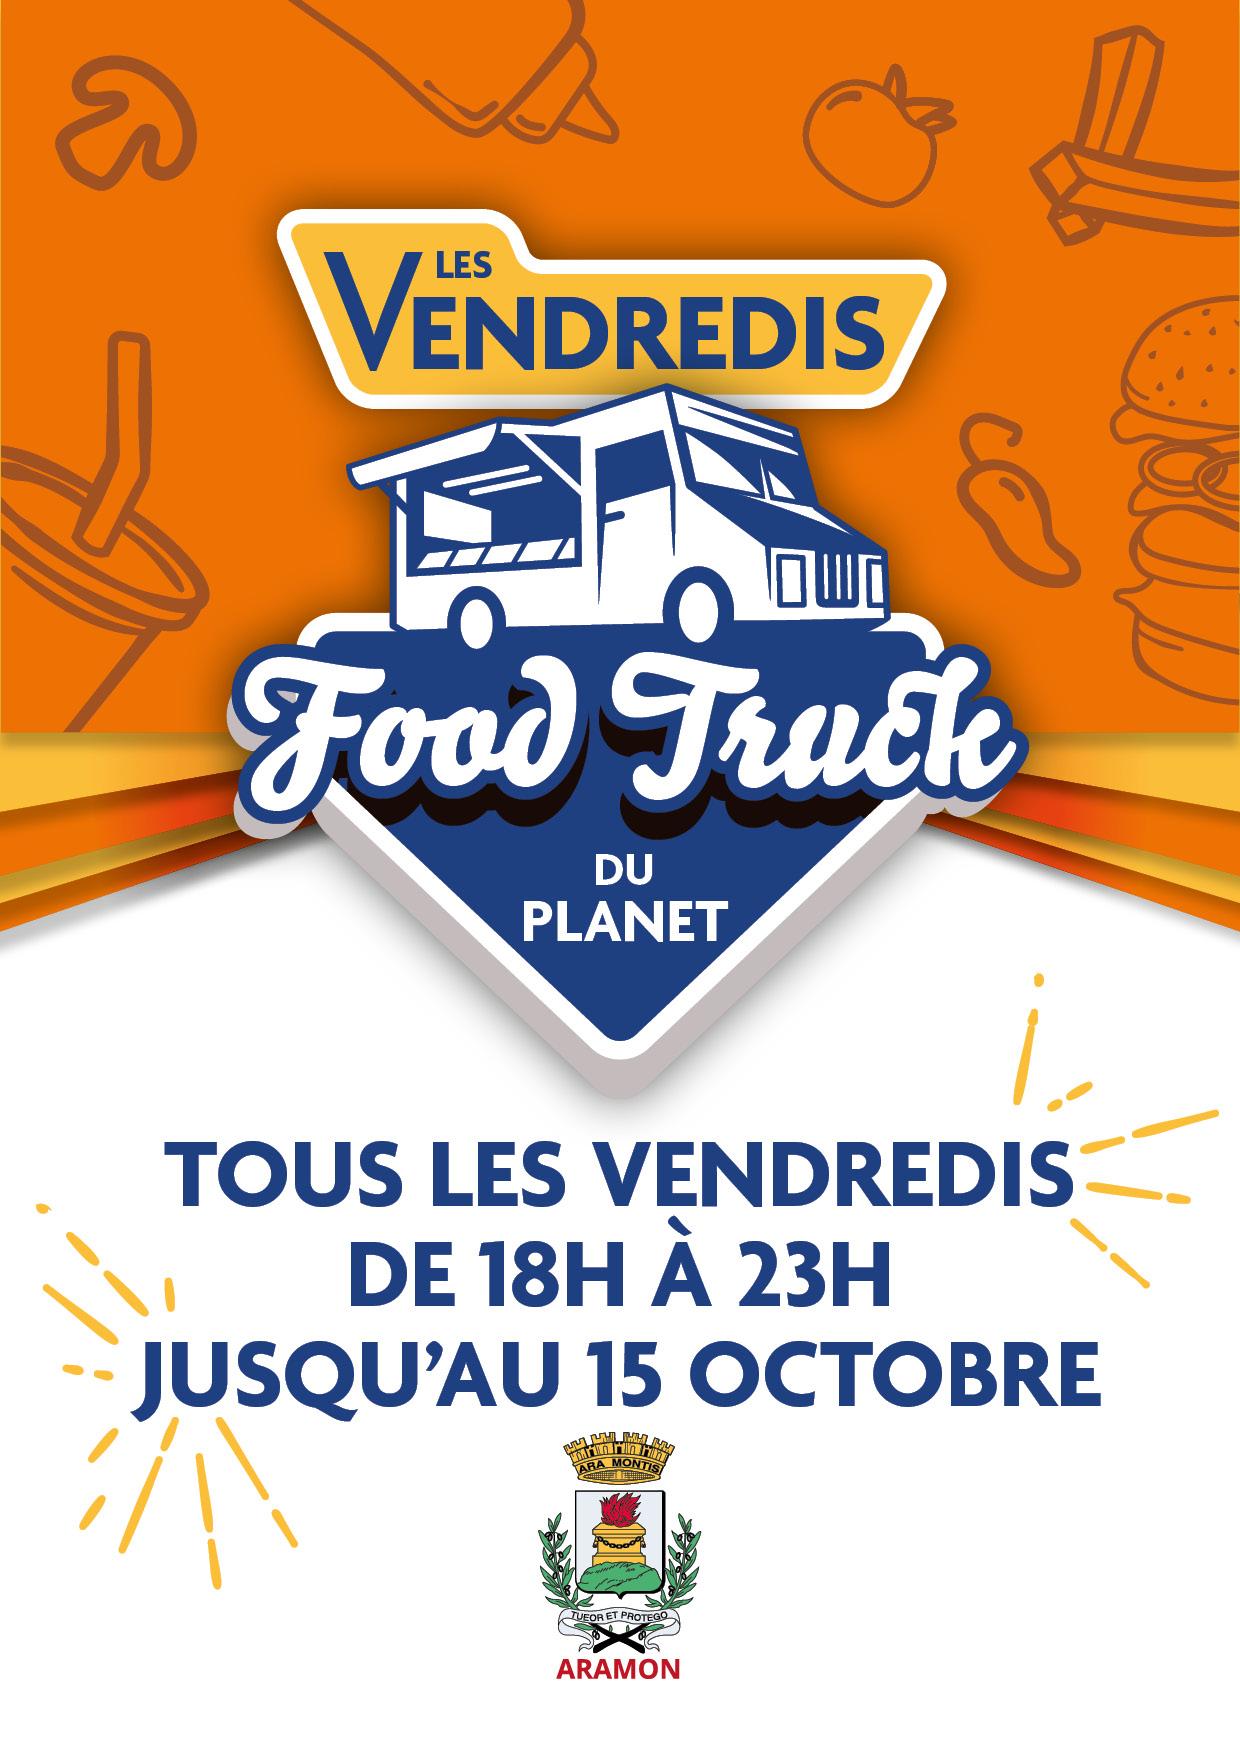 Les VENDREDIS Food-Truck